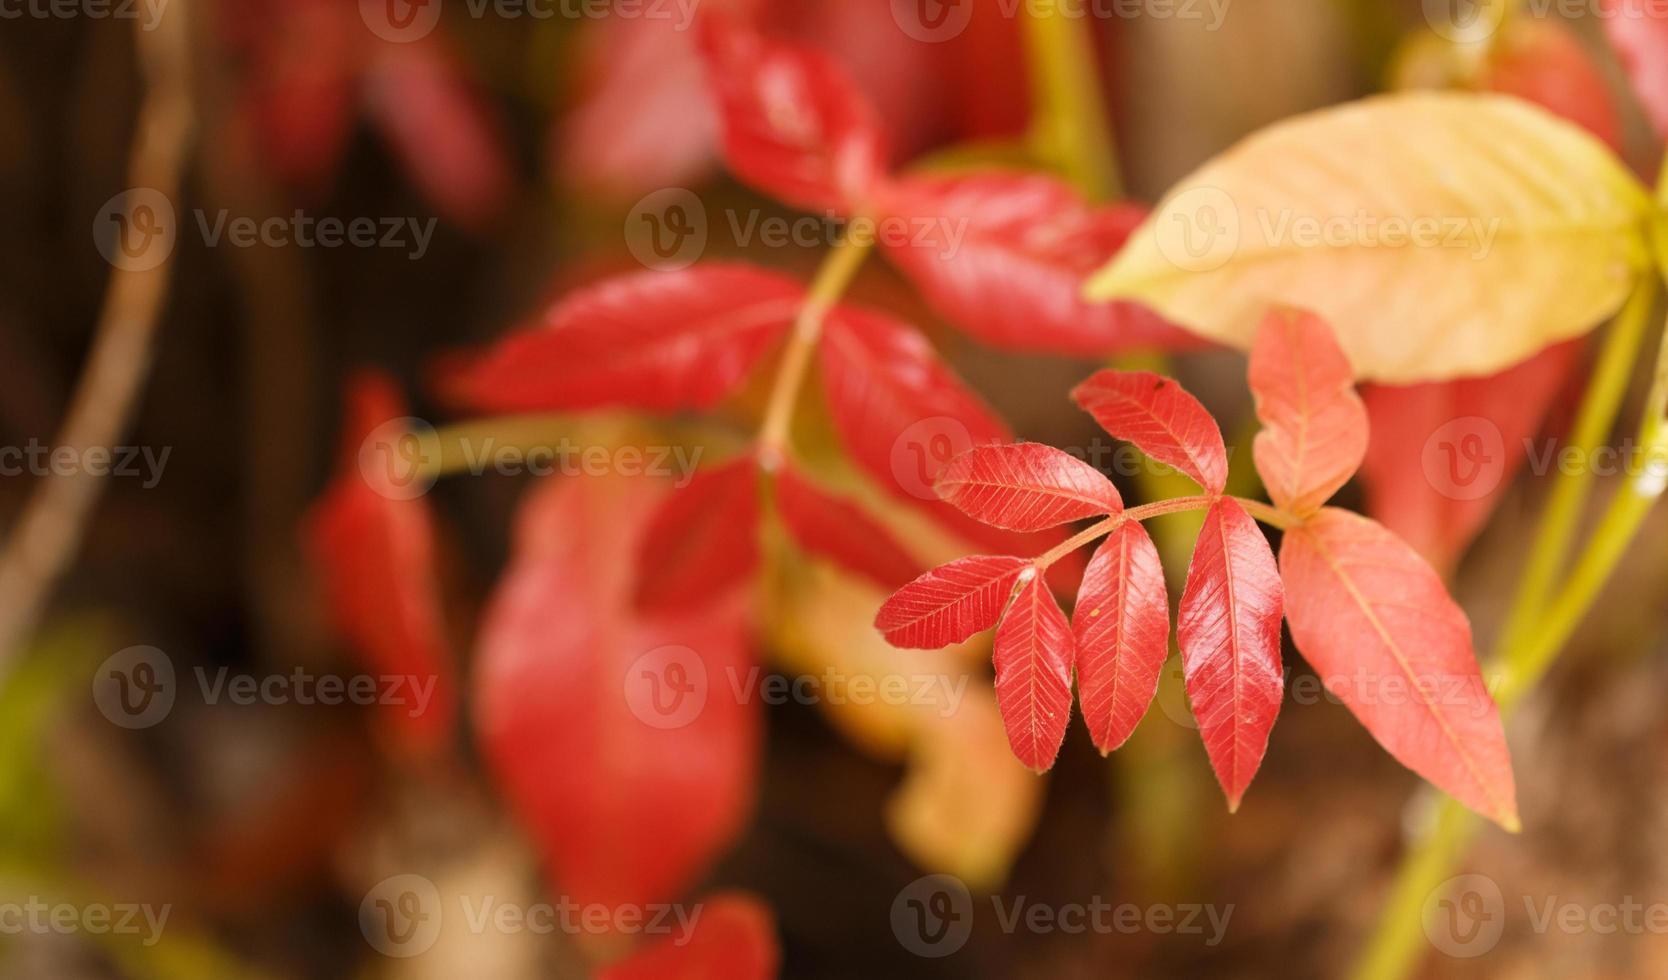 chiudere le foglie rosse foto